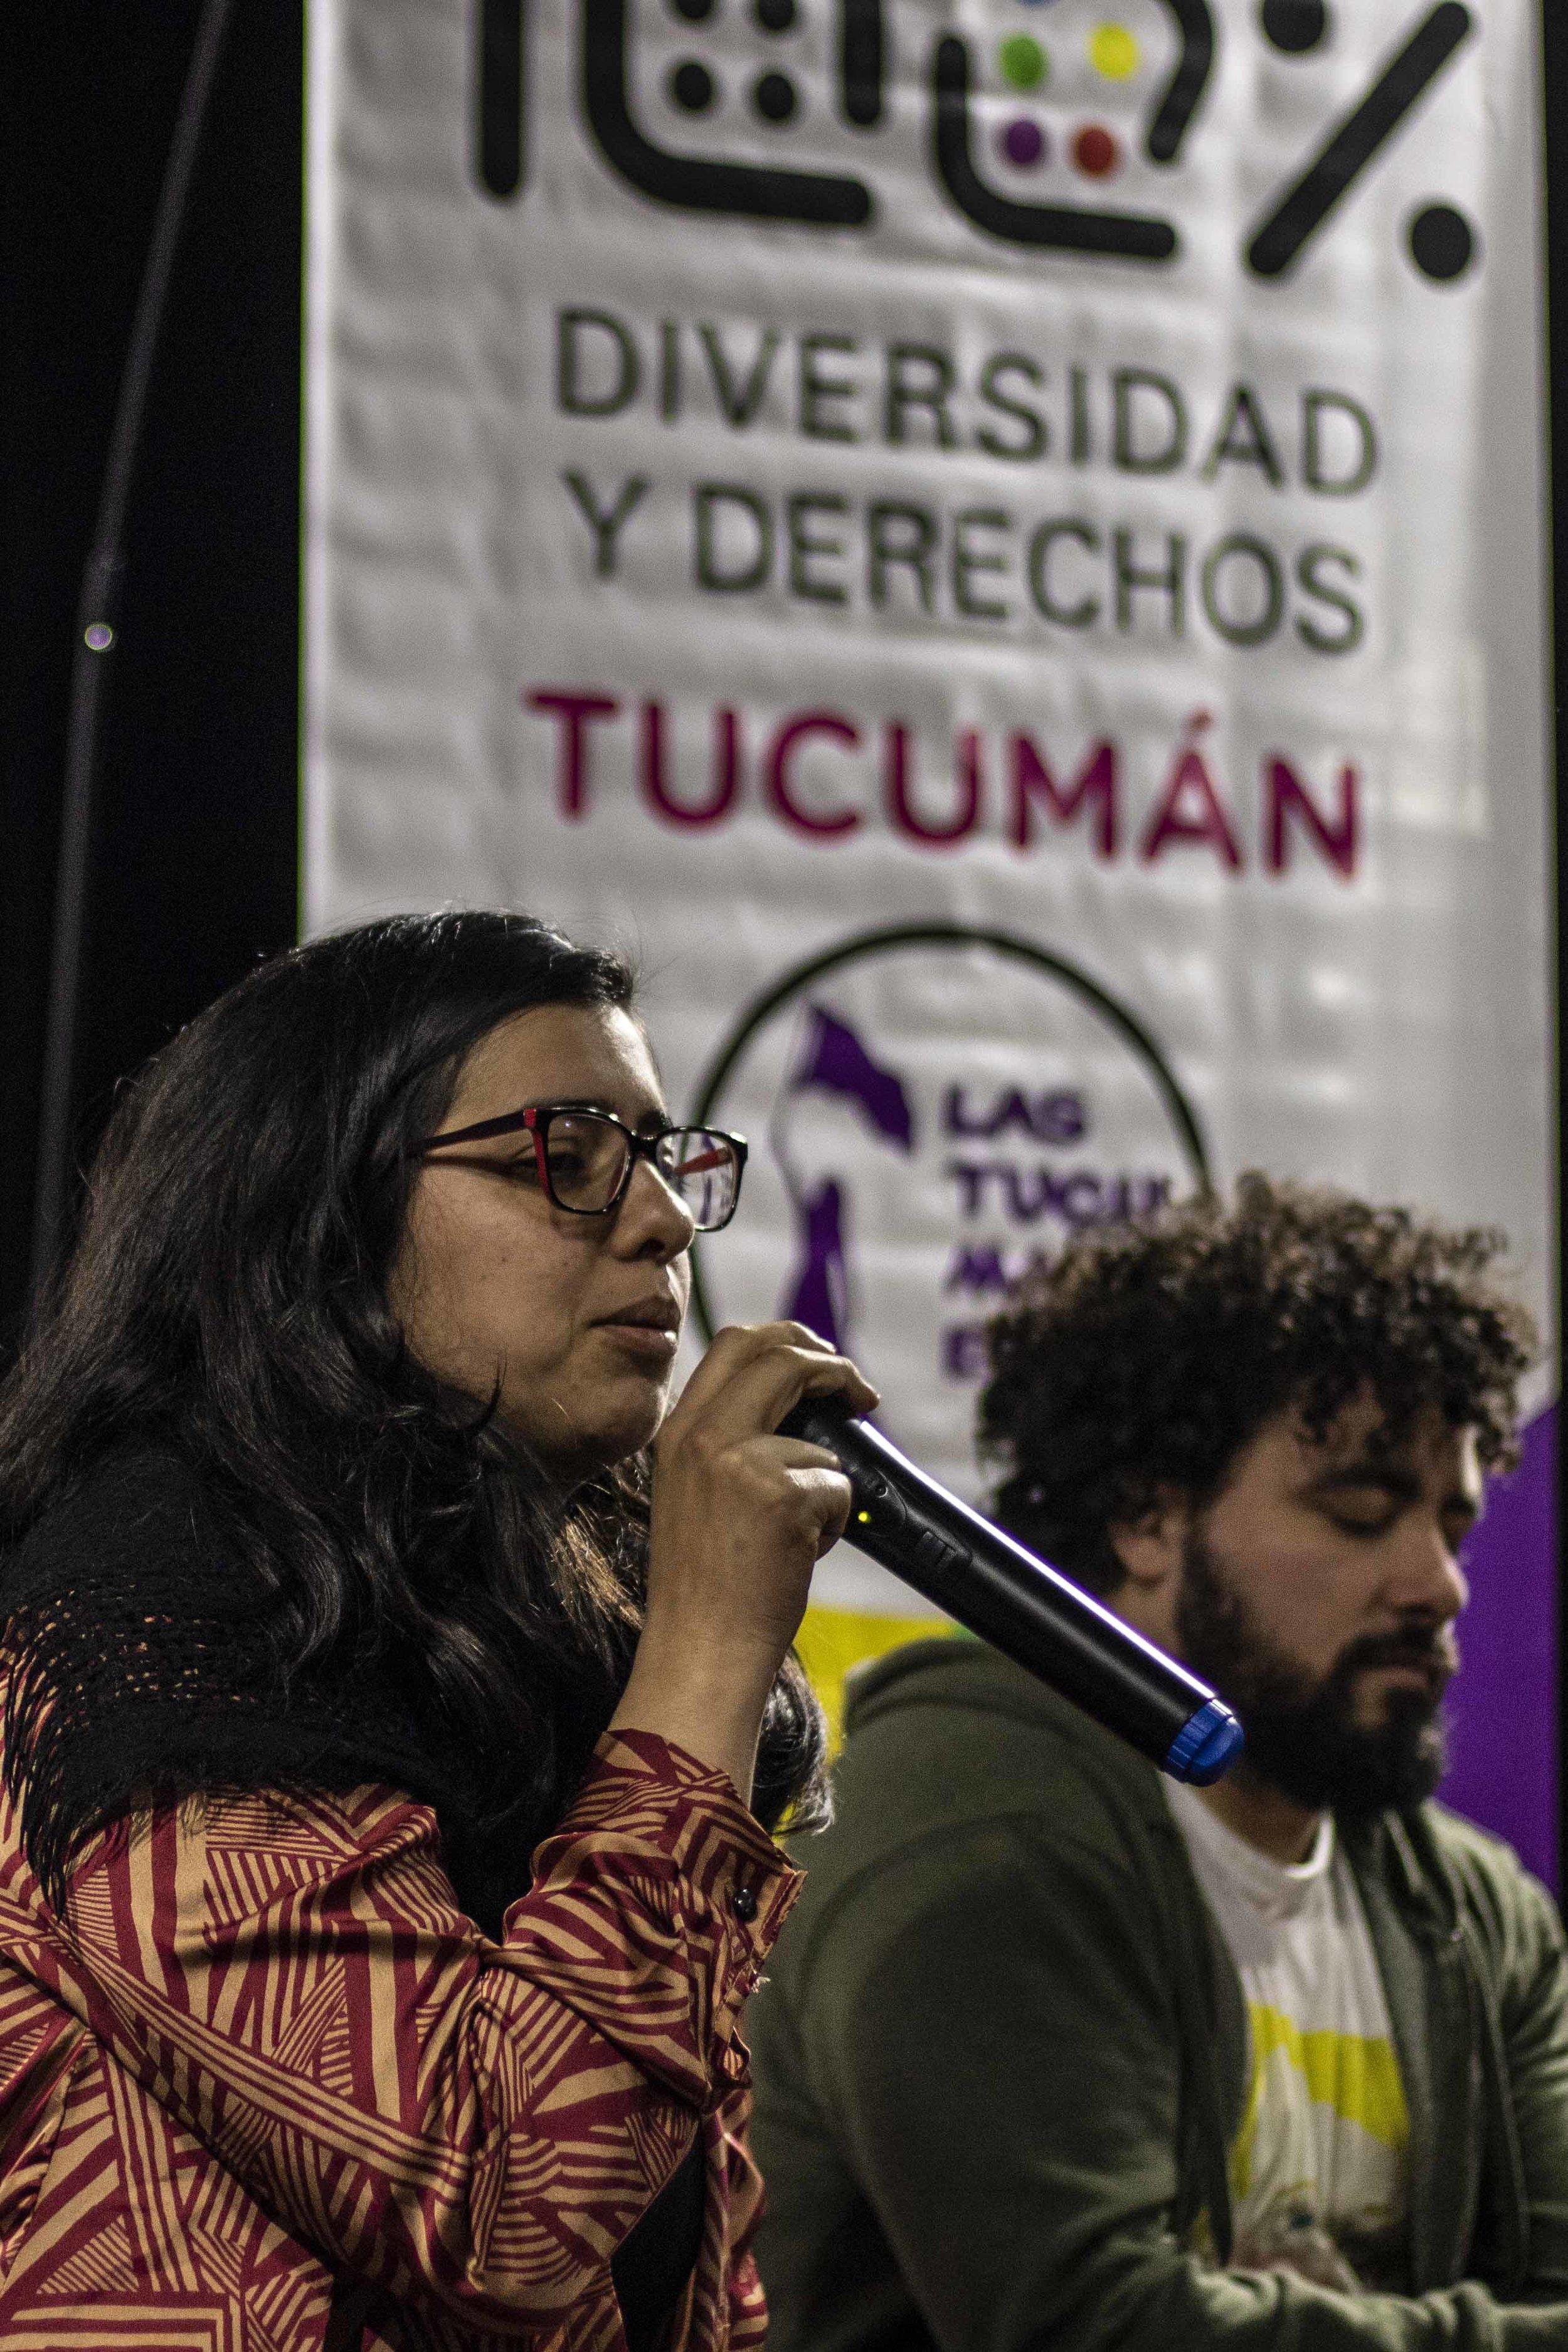 motrans-cine-desobediente-tucumán-la-palta-ignacio-lopez-isasmendi07.JPG